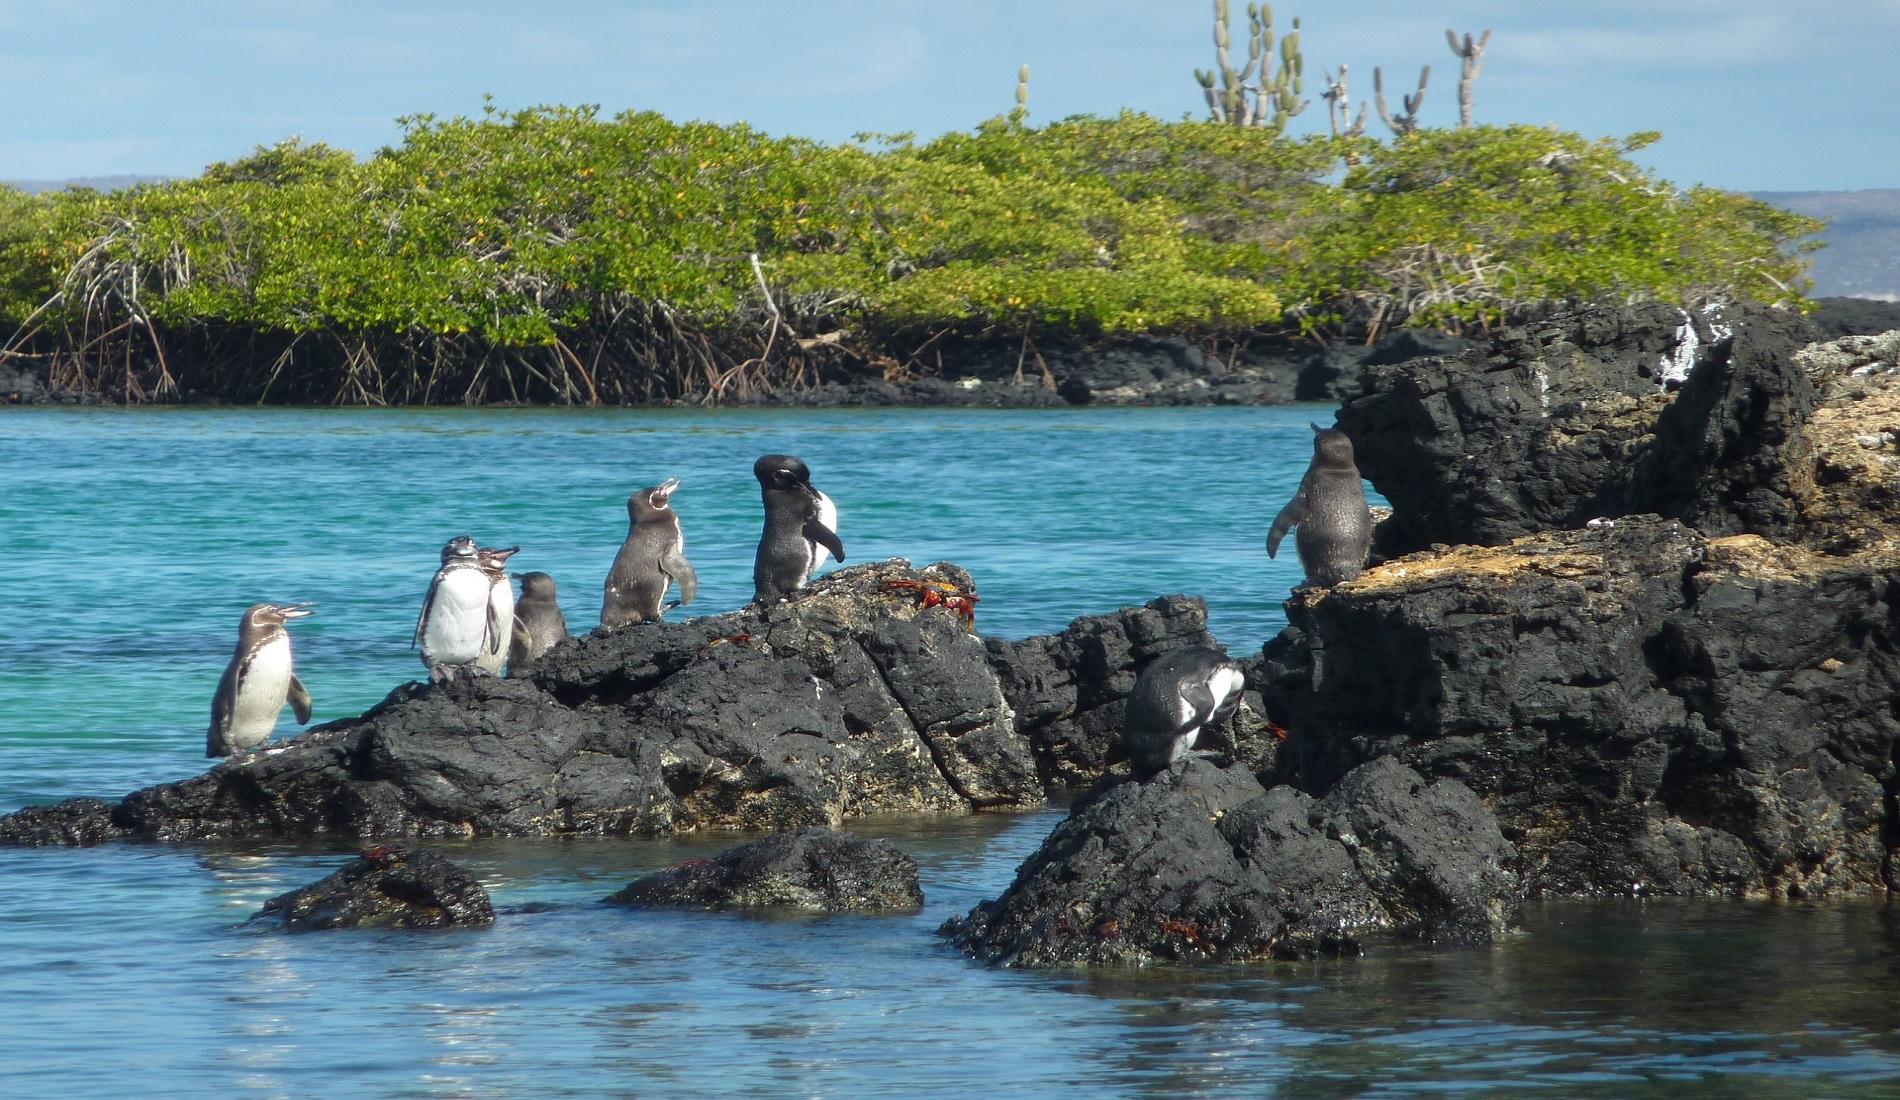 galapagos pinguins